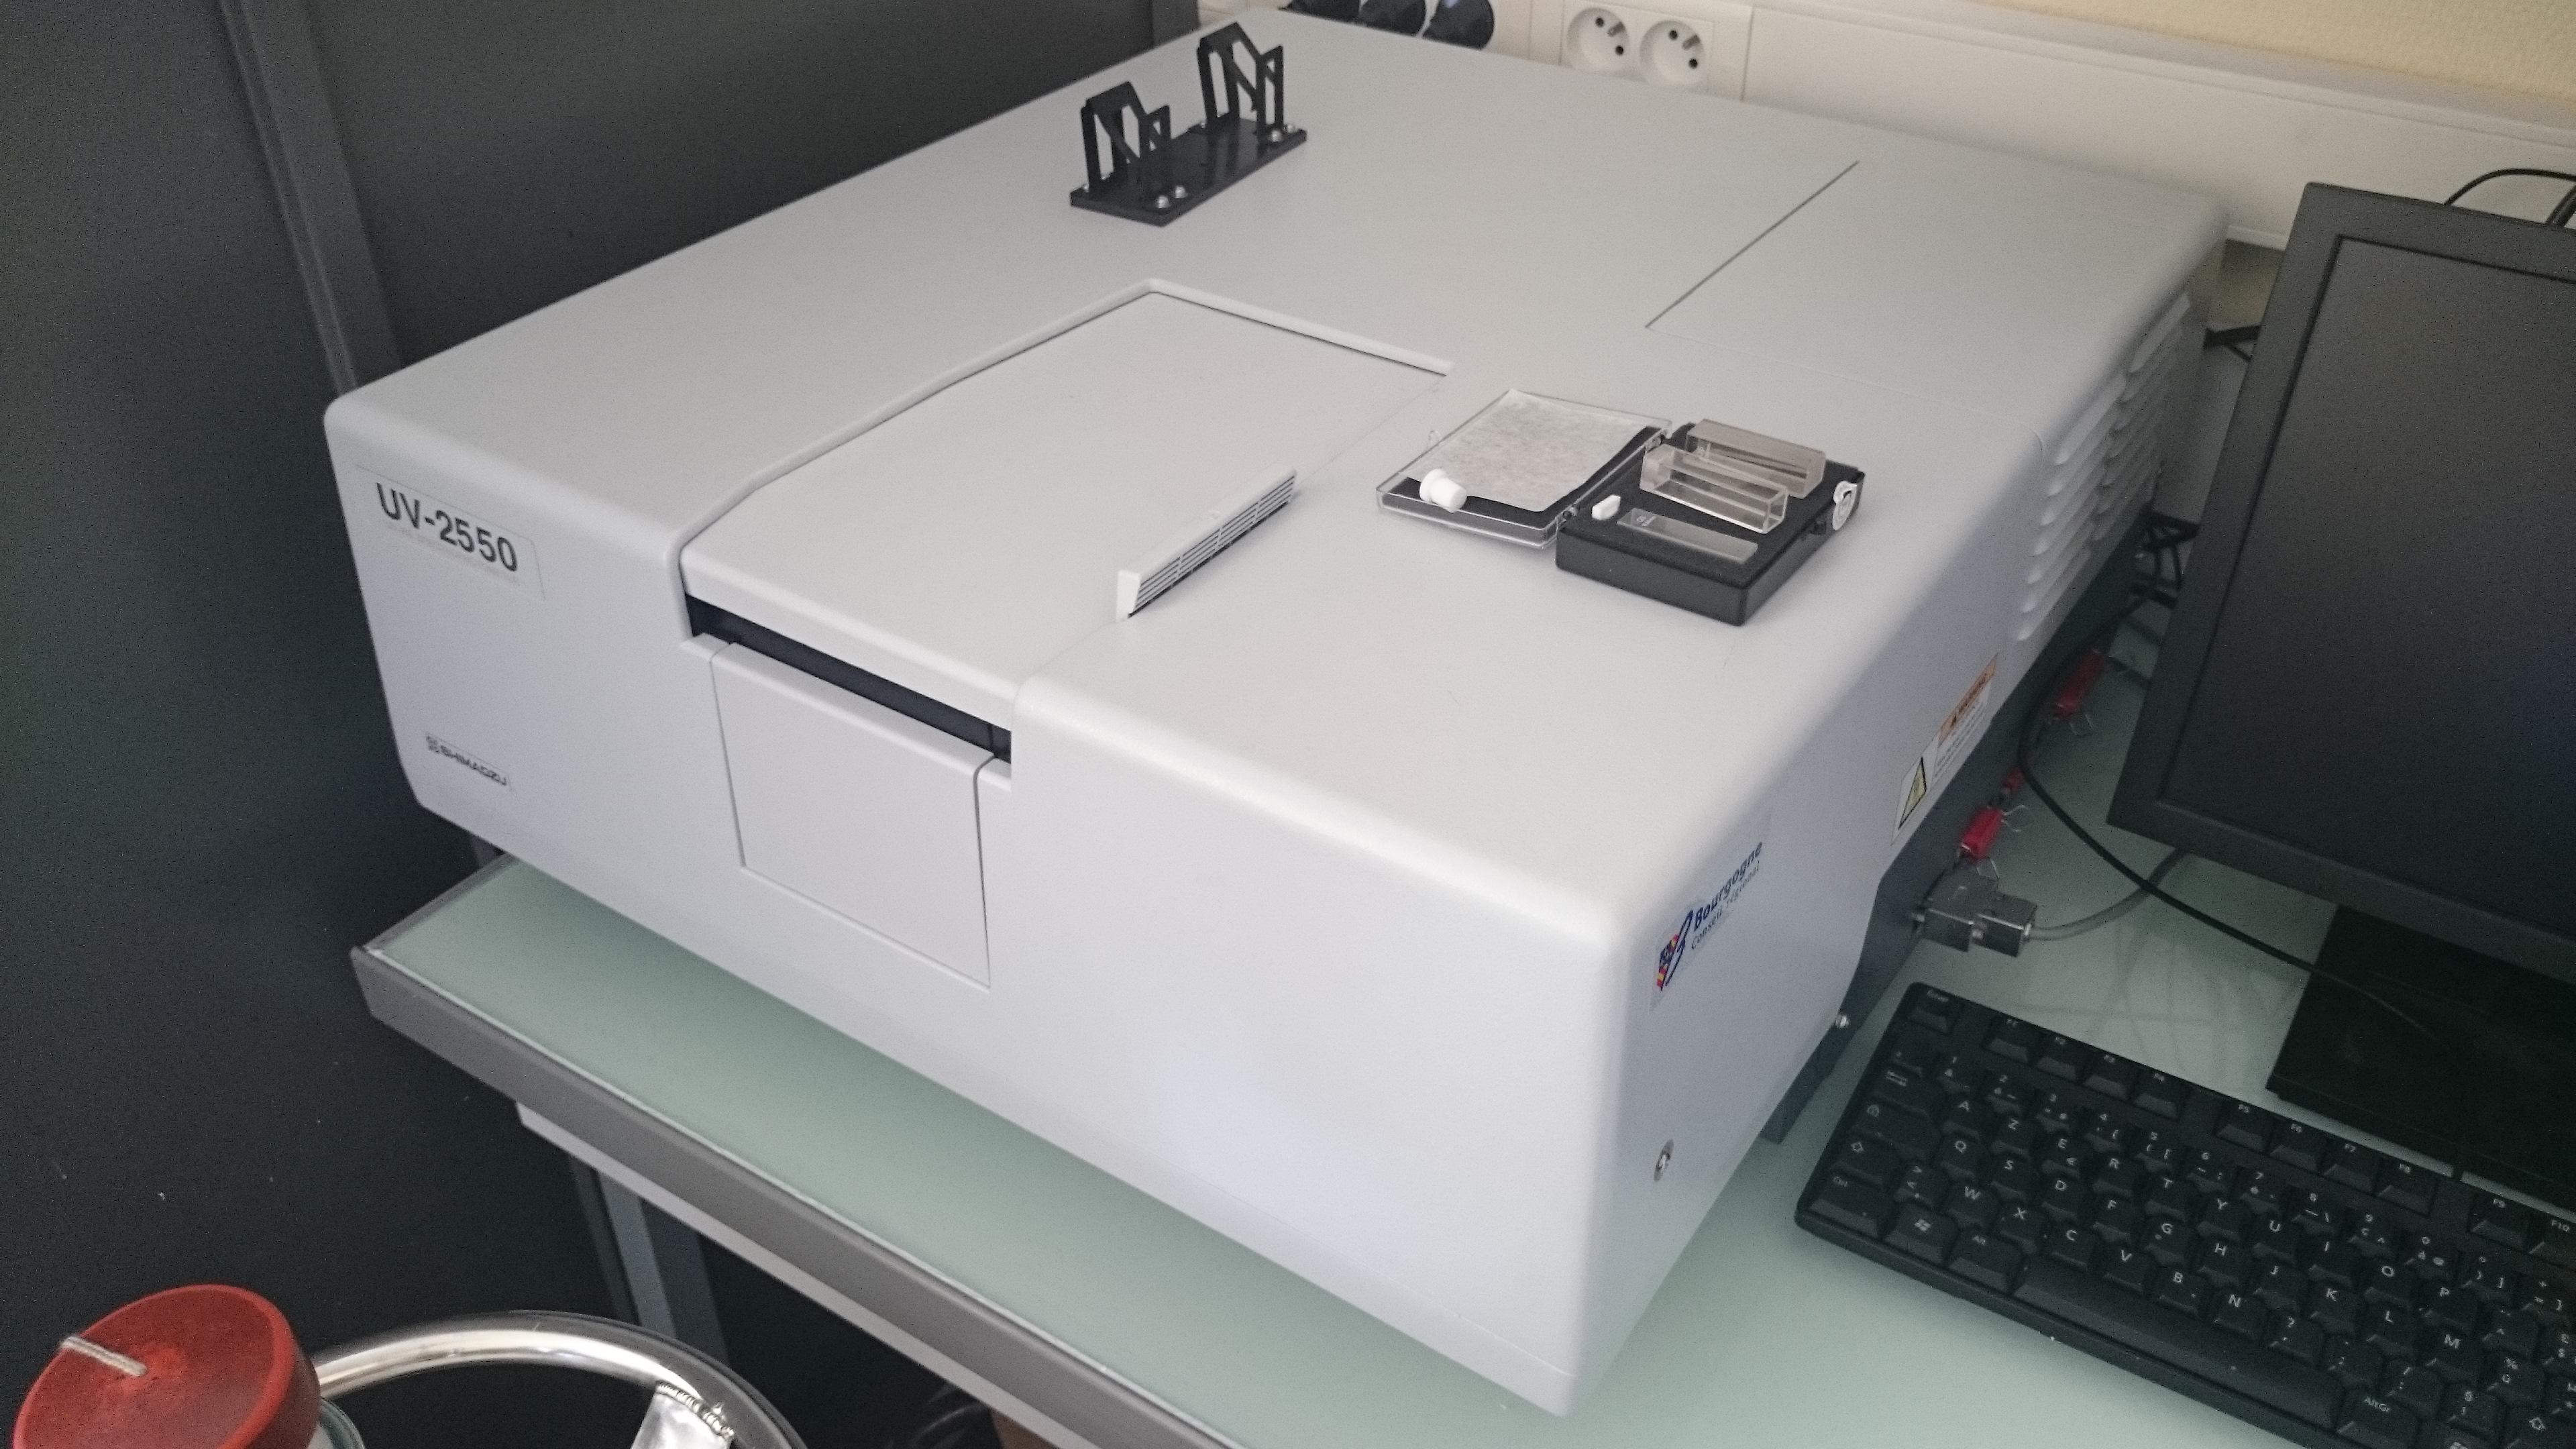 Spectroscopie UV-visible : Shimadzu UV2500 Balayages possibles entre 190 et 900 nm, sphère d'intégration, lecture déportée par fibre optique